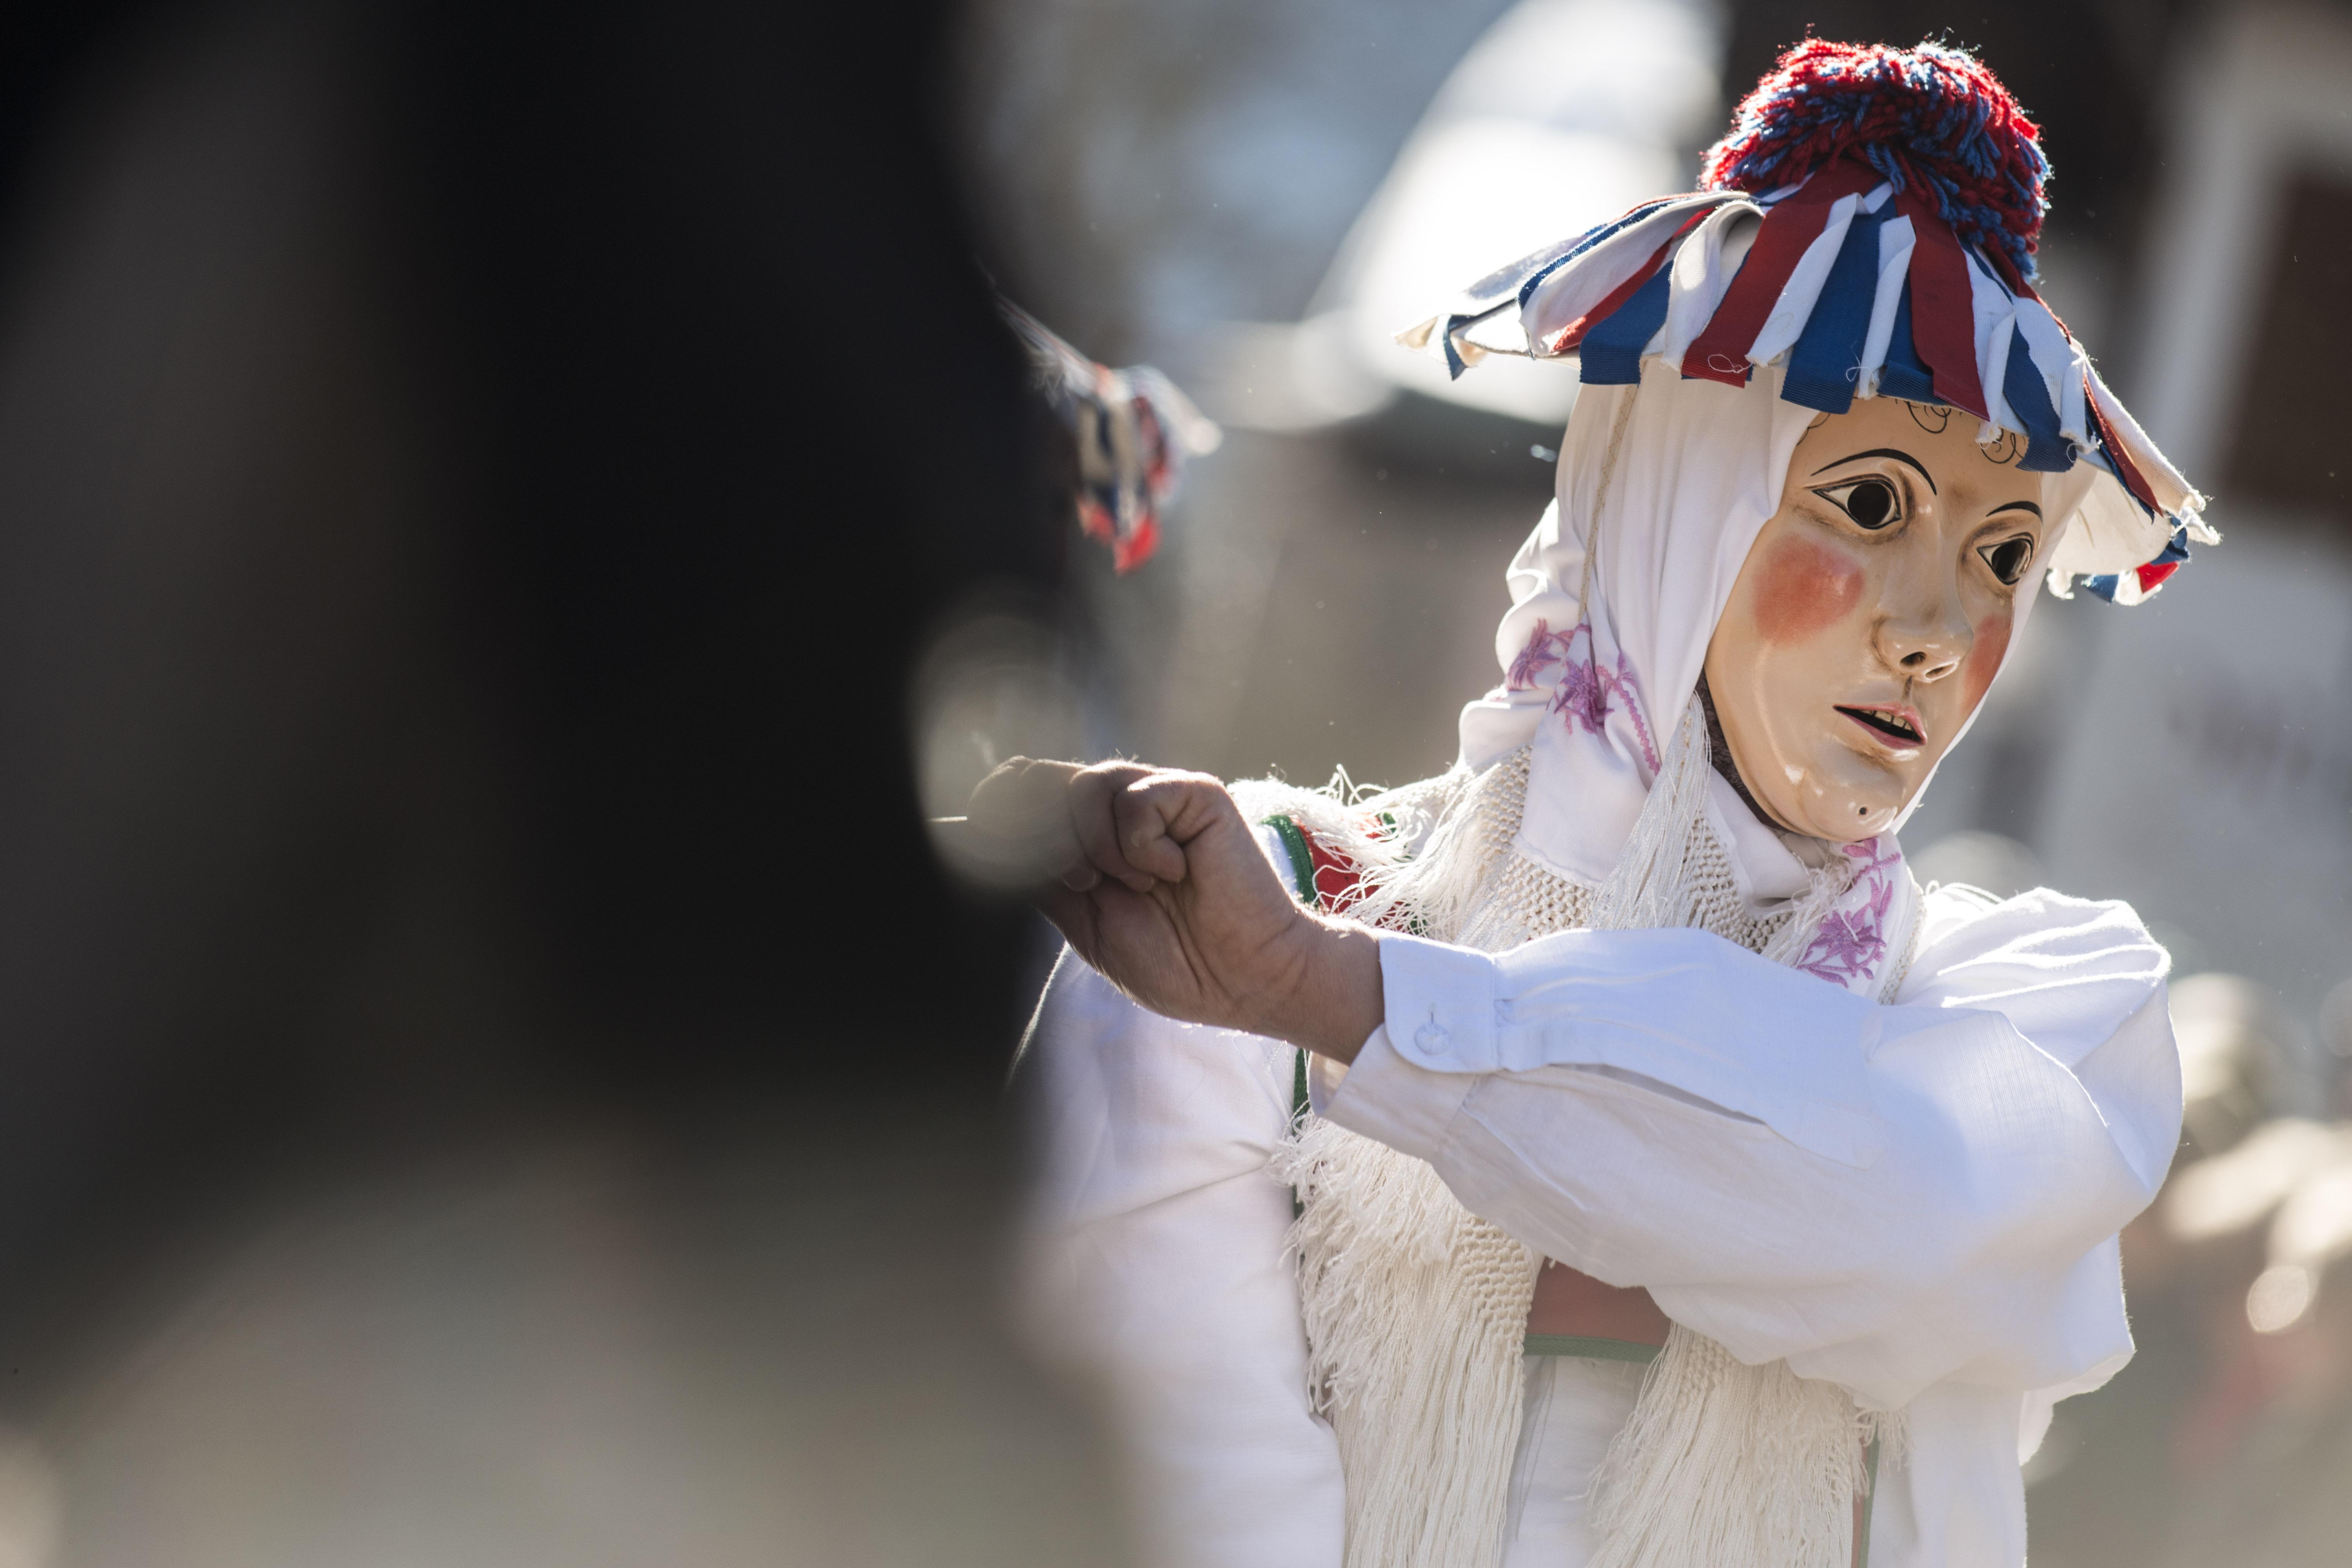 Terror-Gefahr: Braunschweiger Karnevals-Umzug abgesagt